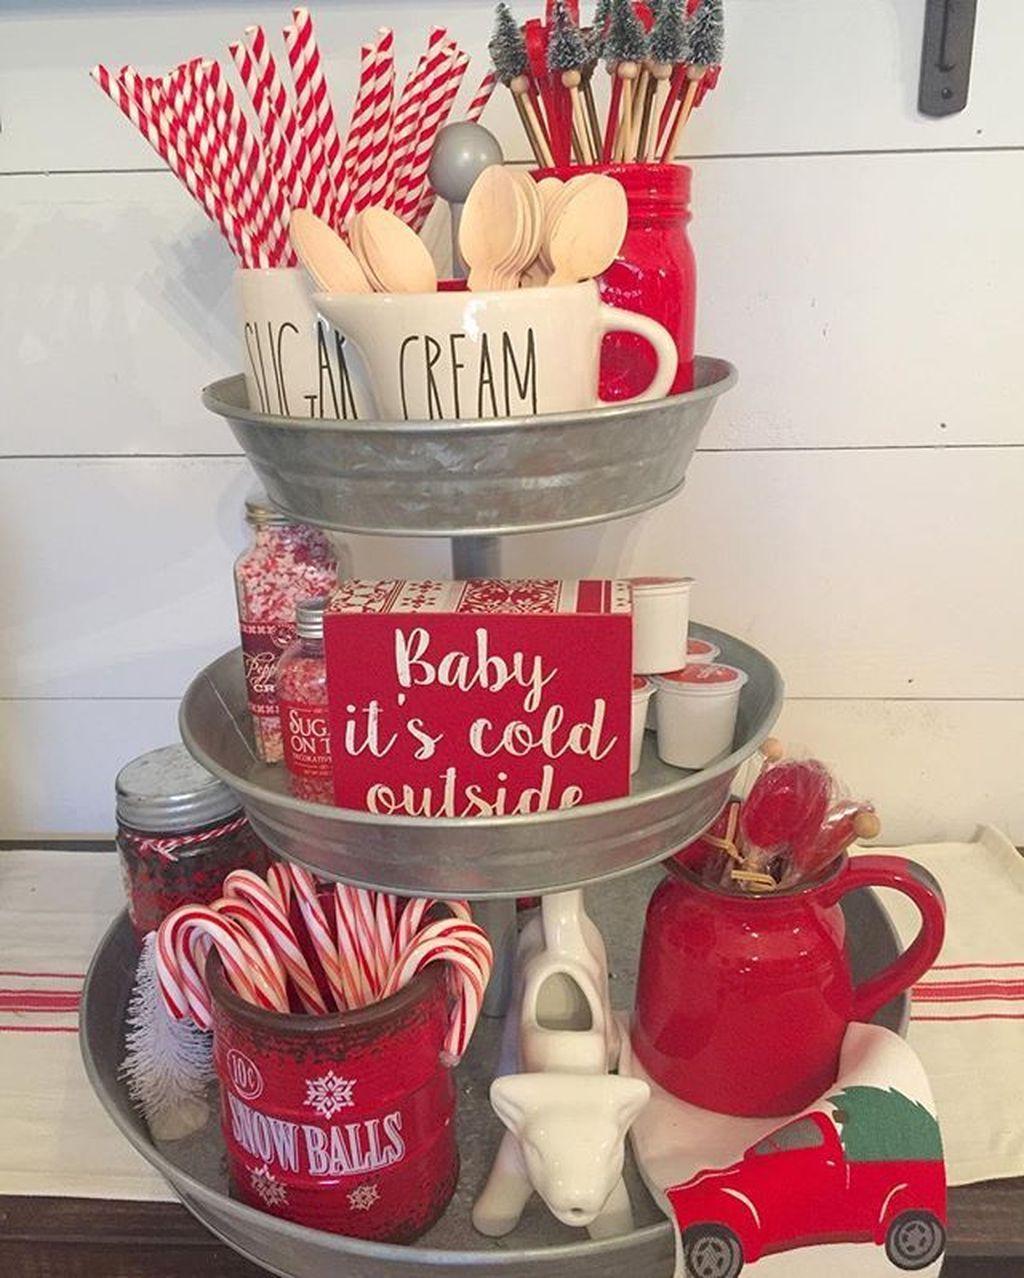 Stunning Christmas Decor Ideas With Farmhouse Style For